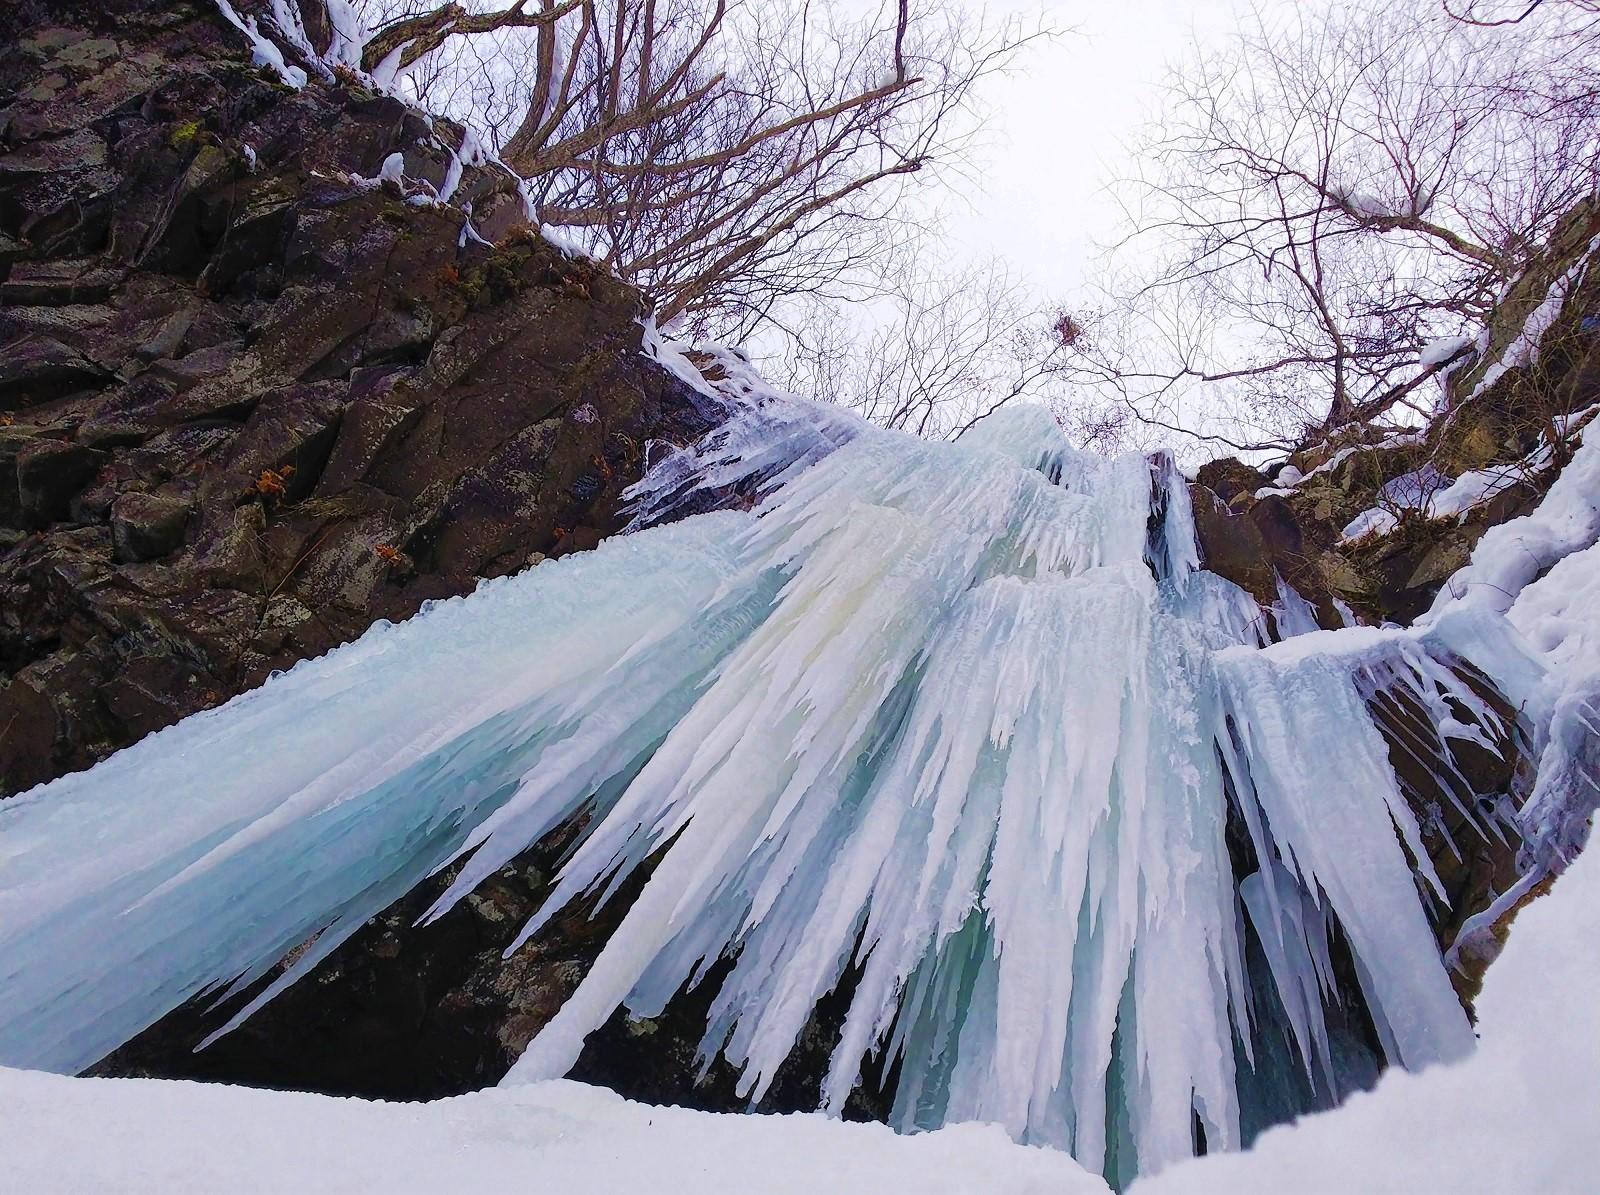 【特集記事】真冬の芸術作品を観に行こう!~蔵王連峰 瀧山大滝の氷瀑~